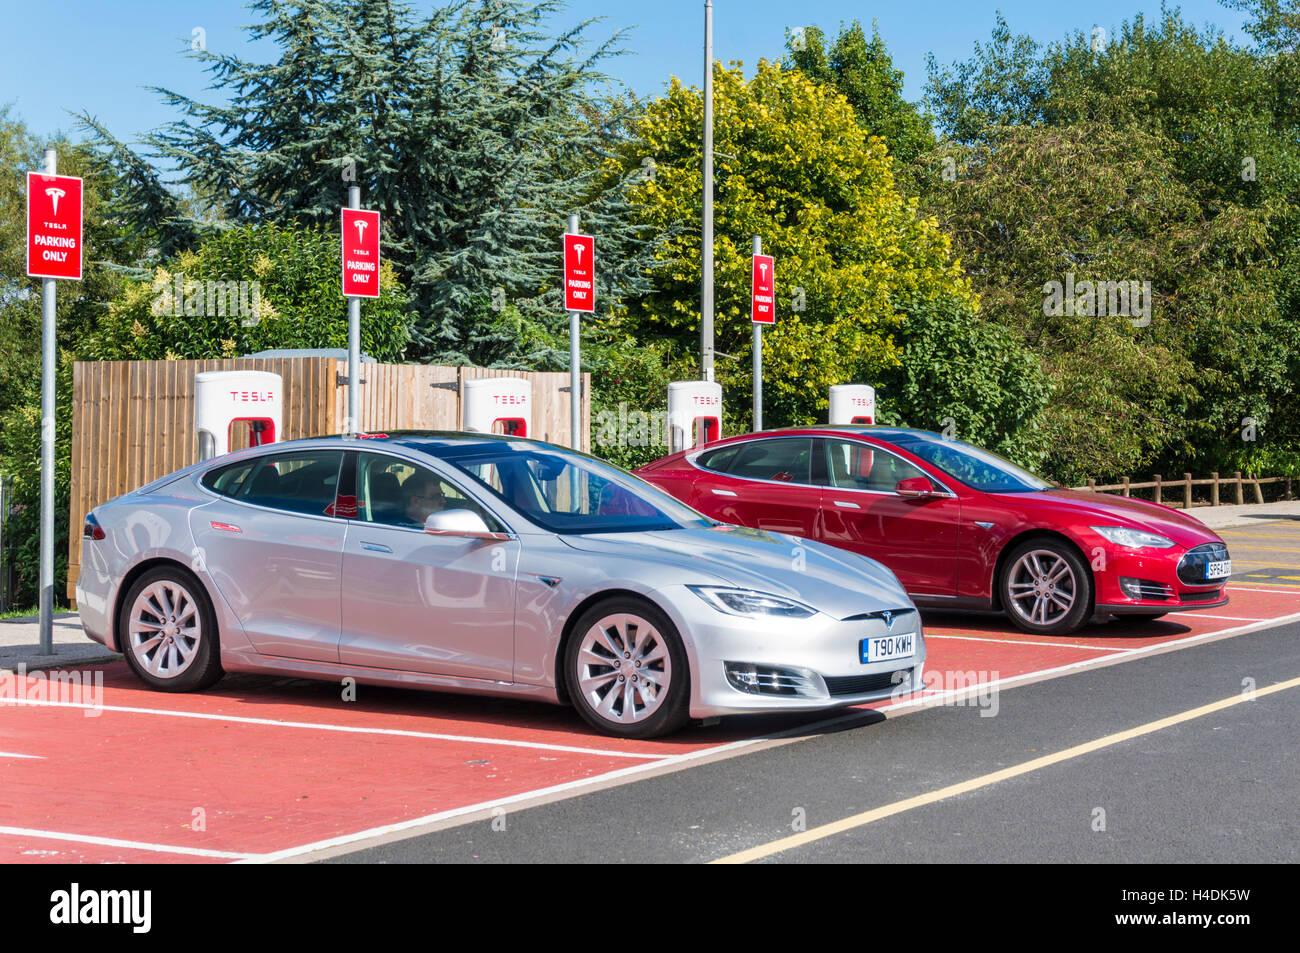 Tesla modelo s punto de recarga de coches eléctricos en la estación de servicio Hopwood, Birmingham (Reino Imagen De Stock